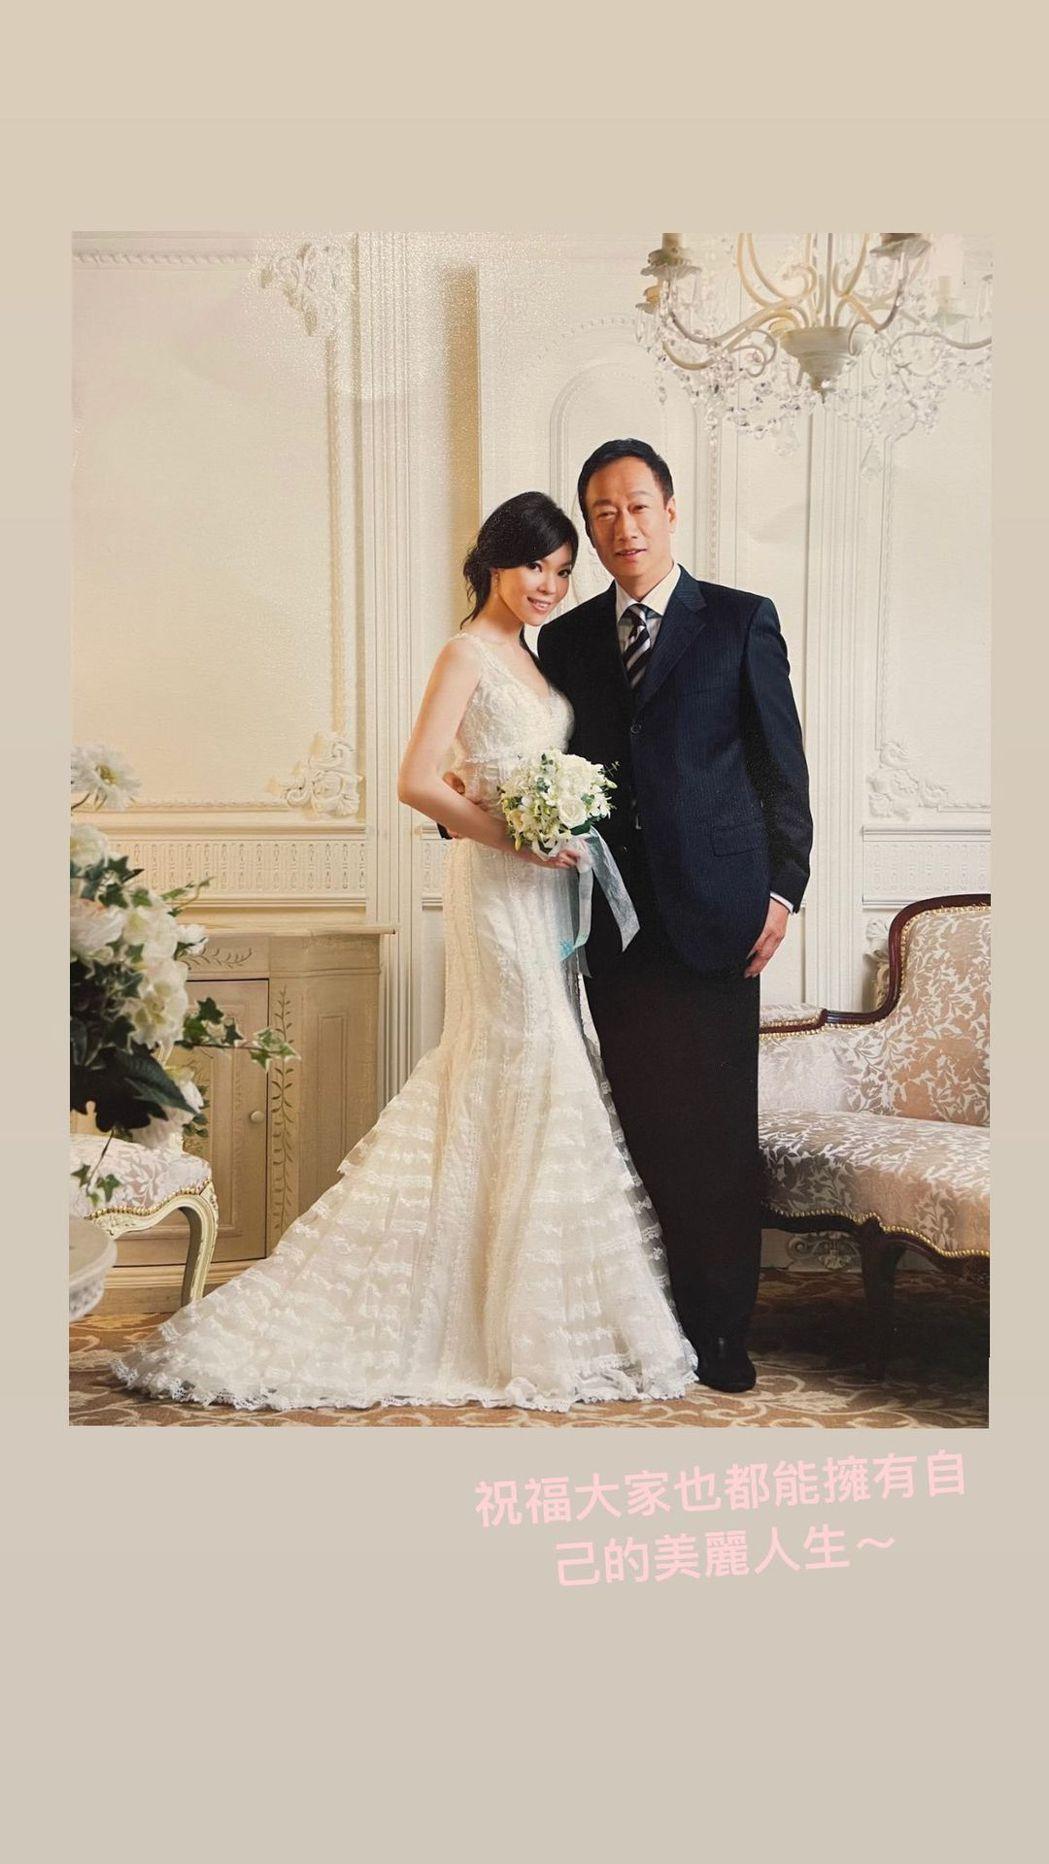 曾馨瑩與郭台銘慶祝結婚13周年紀念日,分享當出拍的婚紗照。 圖/擷自曾馨瑩IG